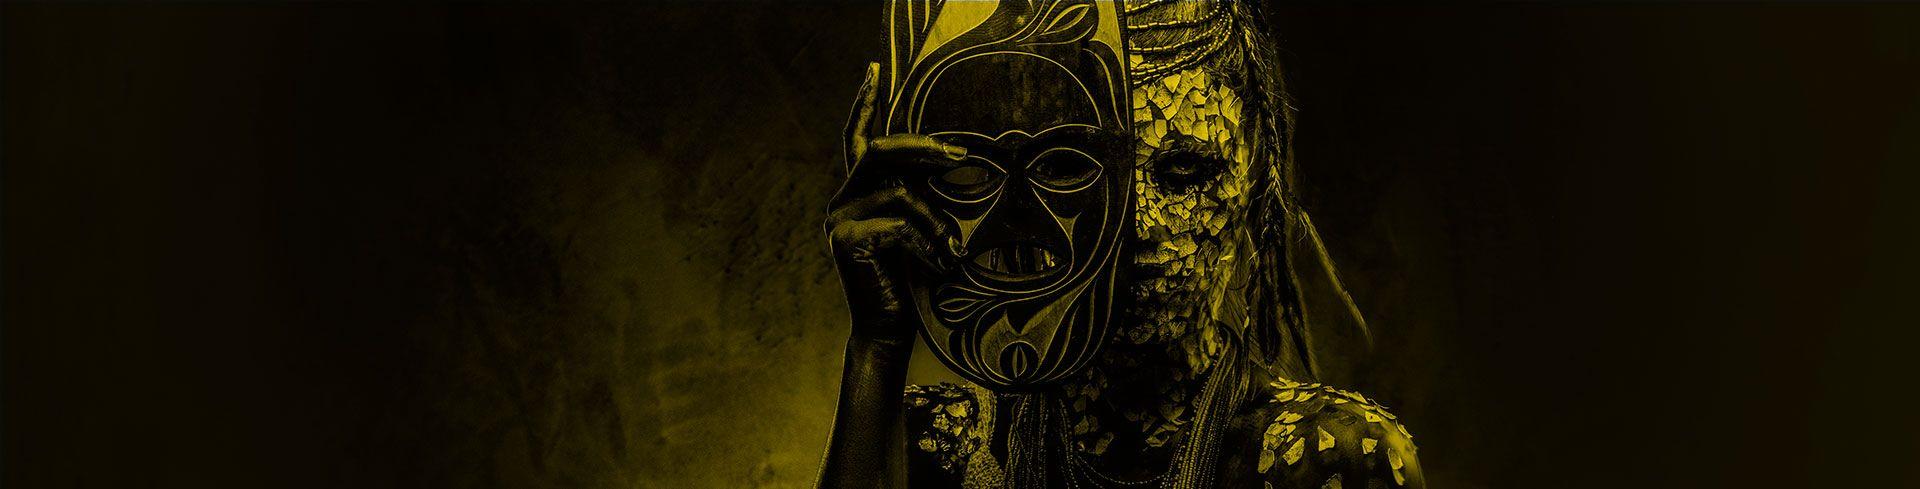 Cine indígena: imagen y técnicas de representación